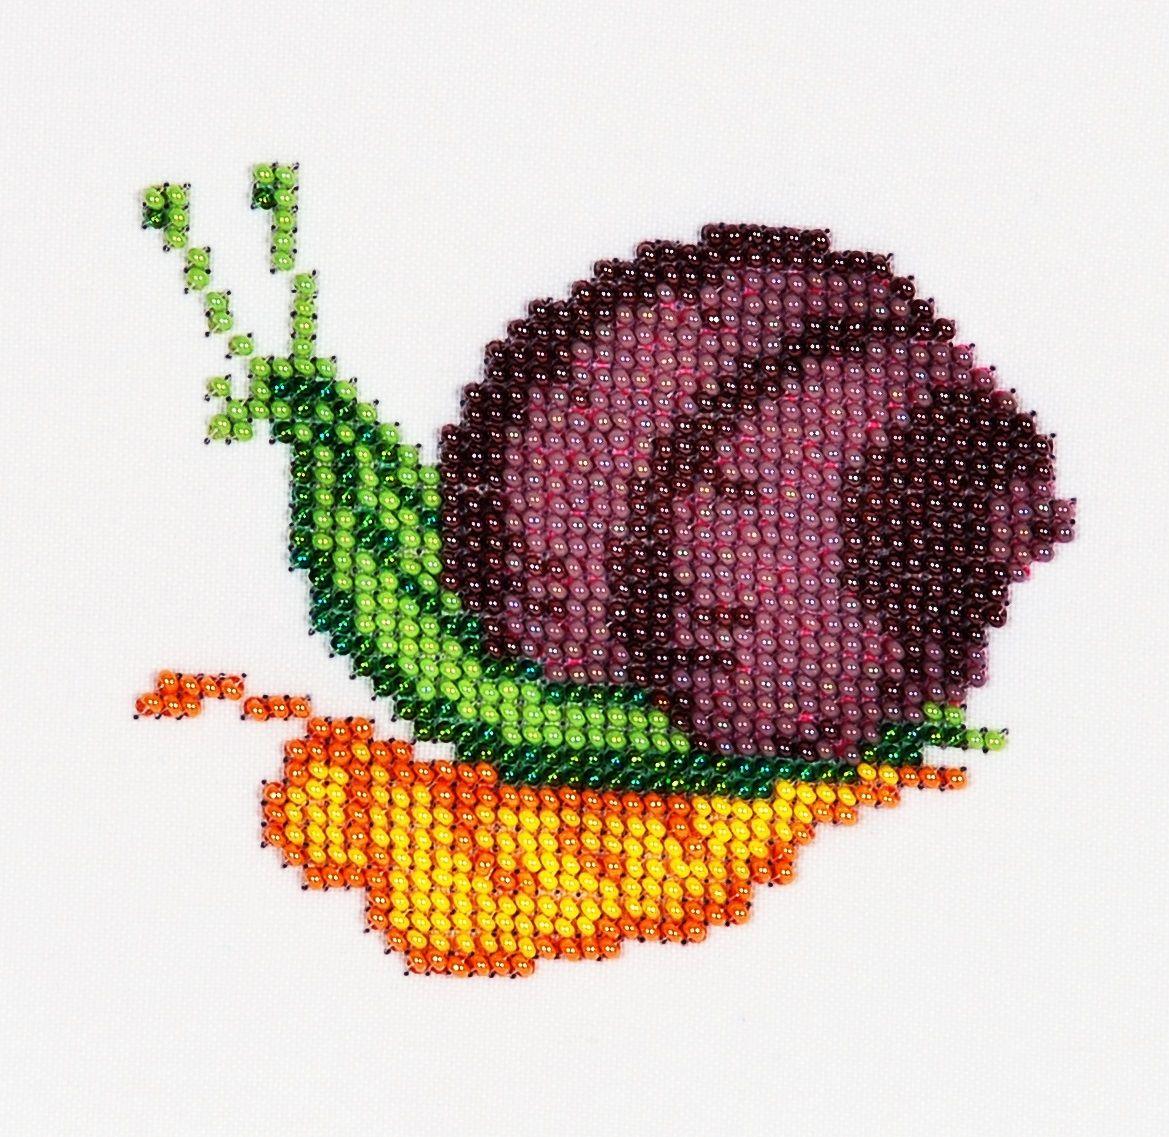 Б-0070 Набор для вышивания бисером 'Бисеринка' 'Улитка', 9*10 см